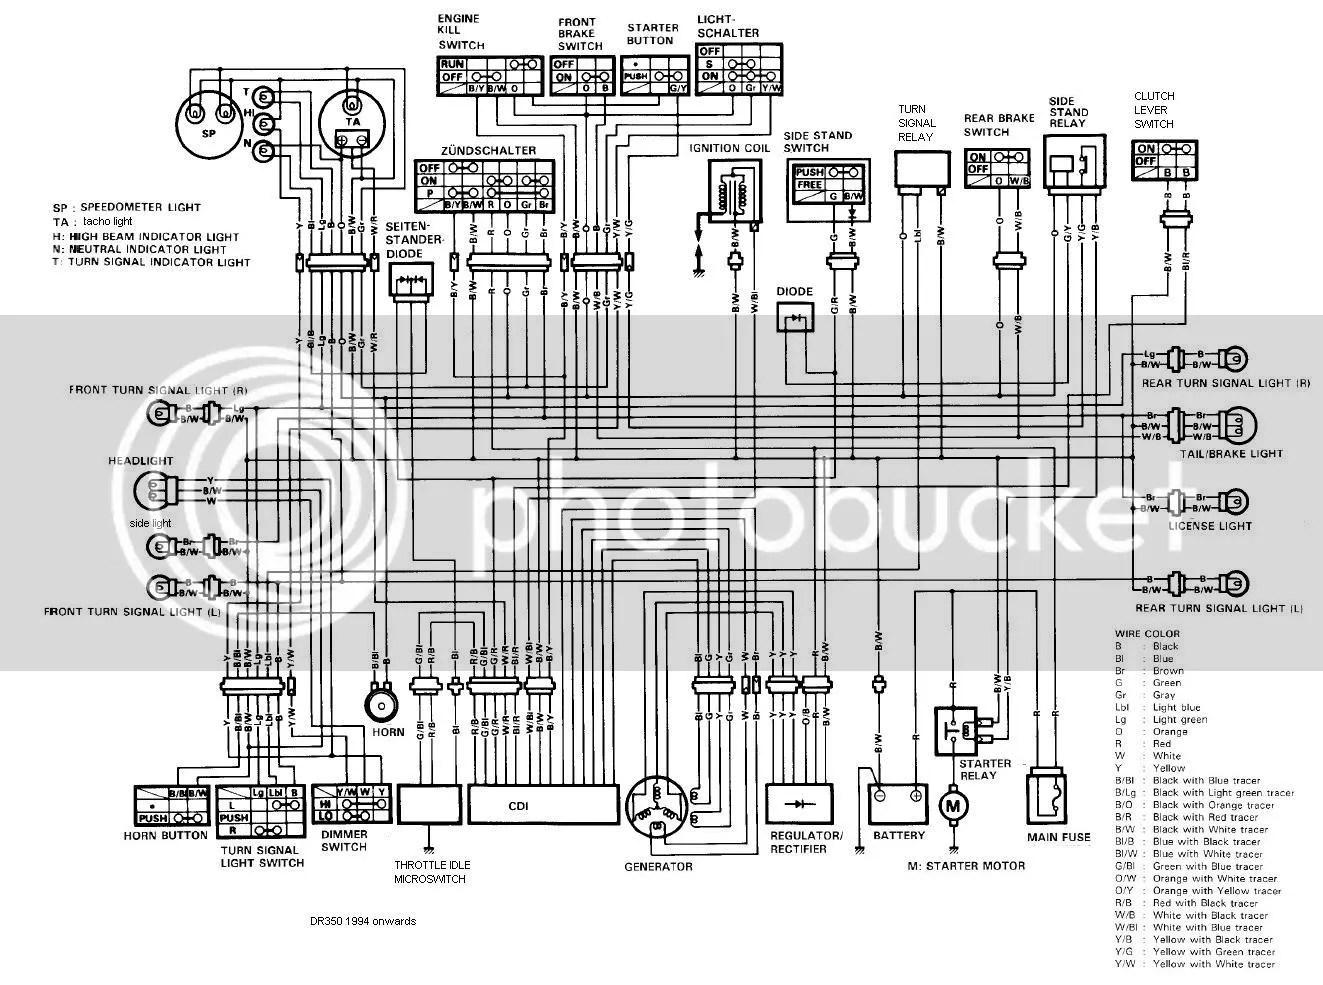 dr350 wiring diagram wiring diagram databasedr350 wiring diagram wiring diagram nl 1990 suzuki dr350 wiring diagram dr350 wiring diagram